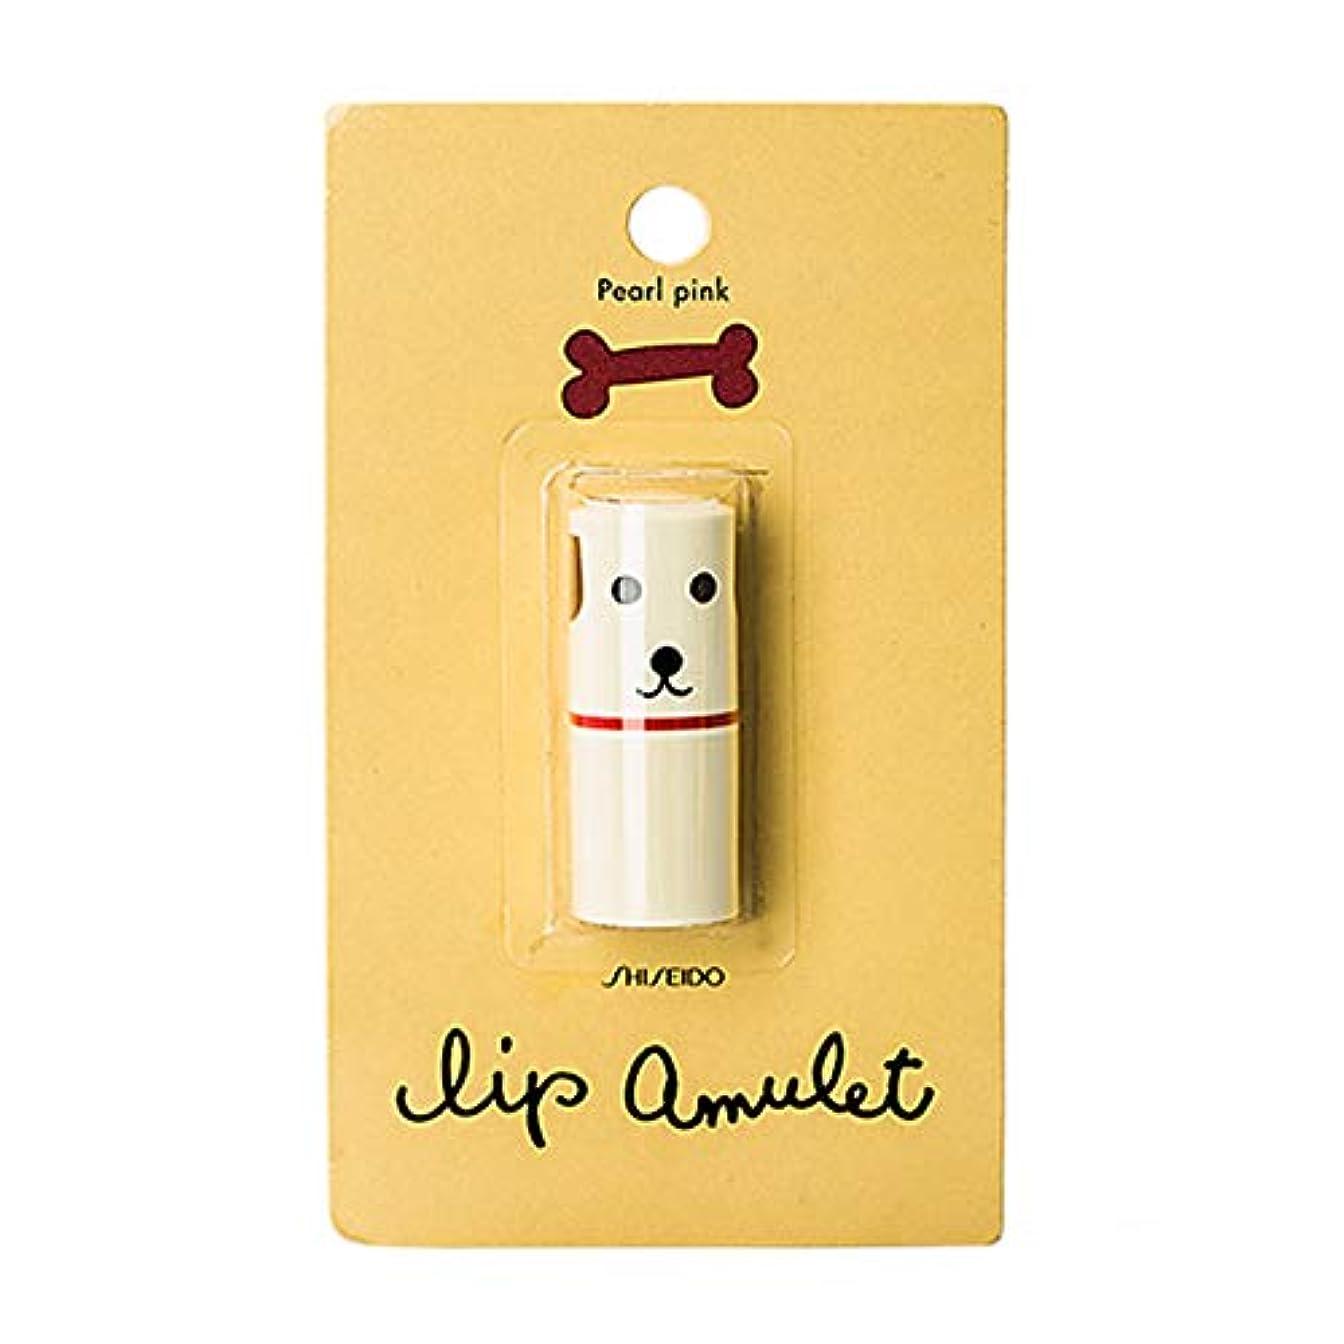 鉄道公演最終【台湾限定】資生堂 Shiseido リップアミュレット Lip Amulet お土産 コスメ 色つきリップ 単品 珍珠粉紅 (パールピンク) [並行輸入品]